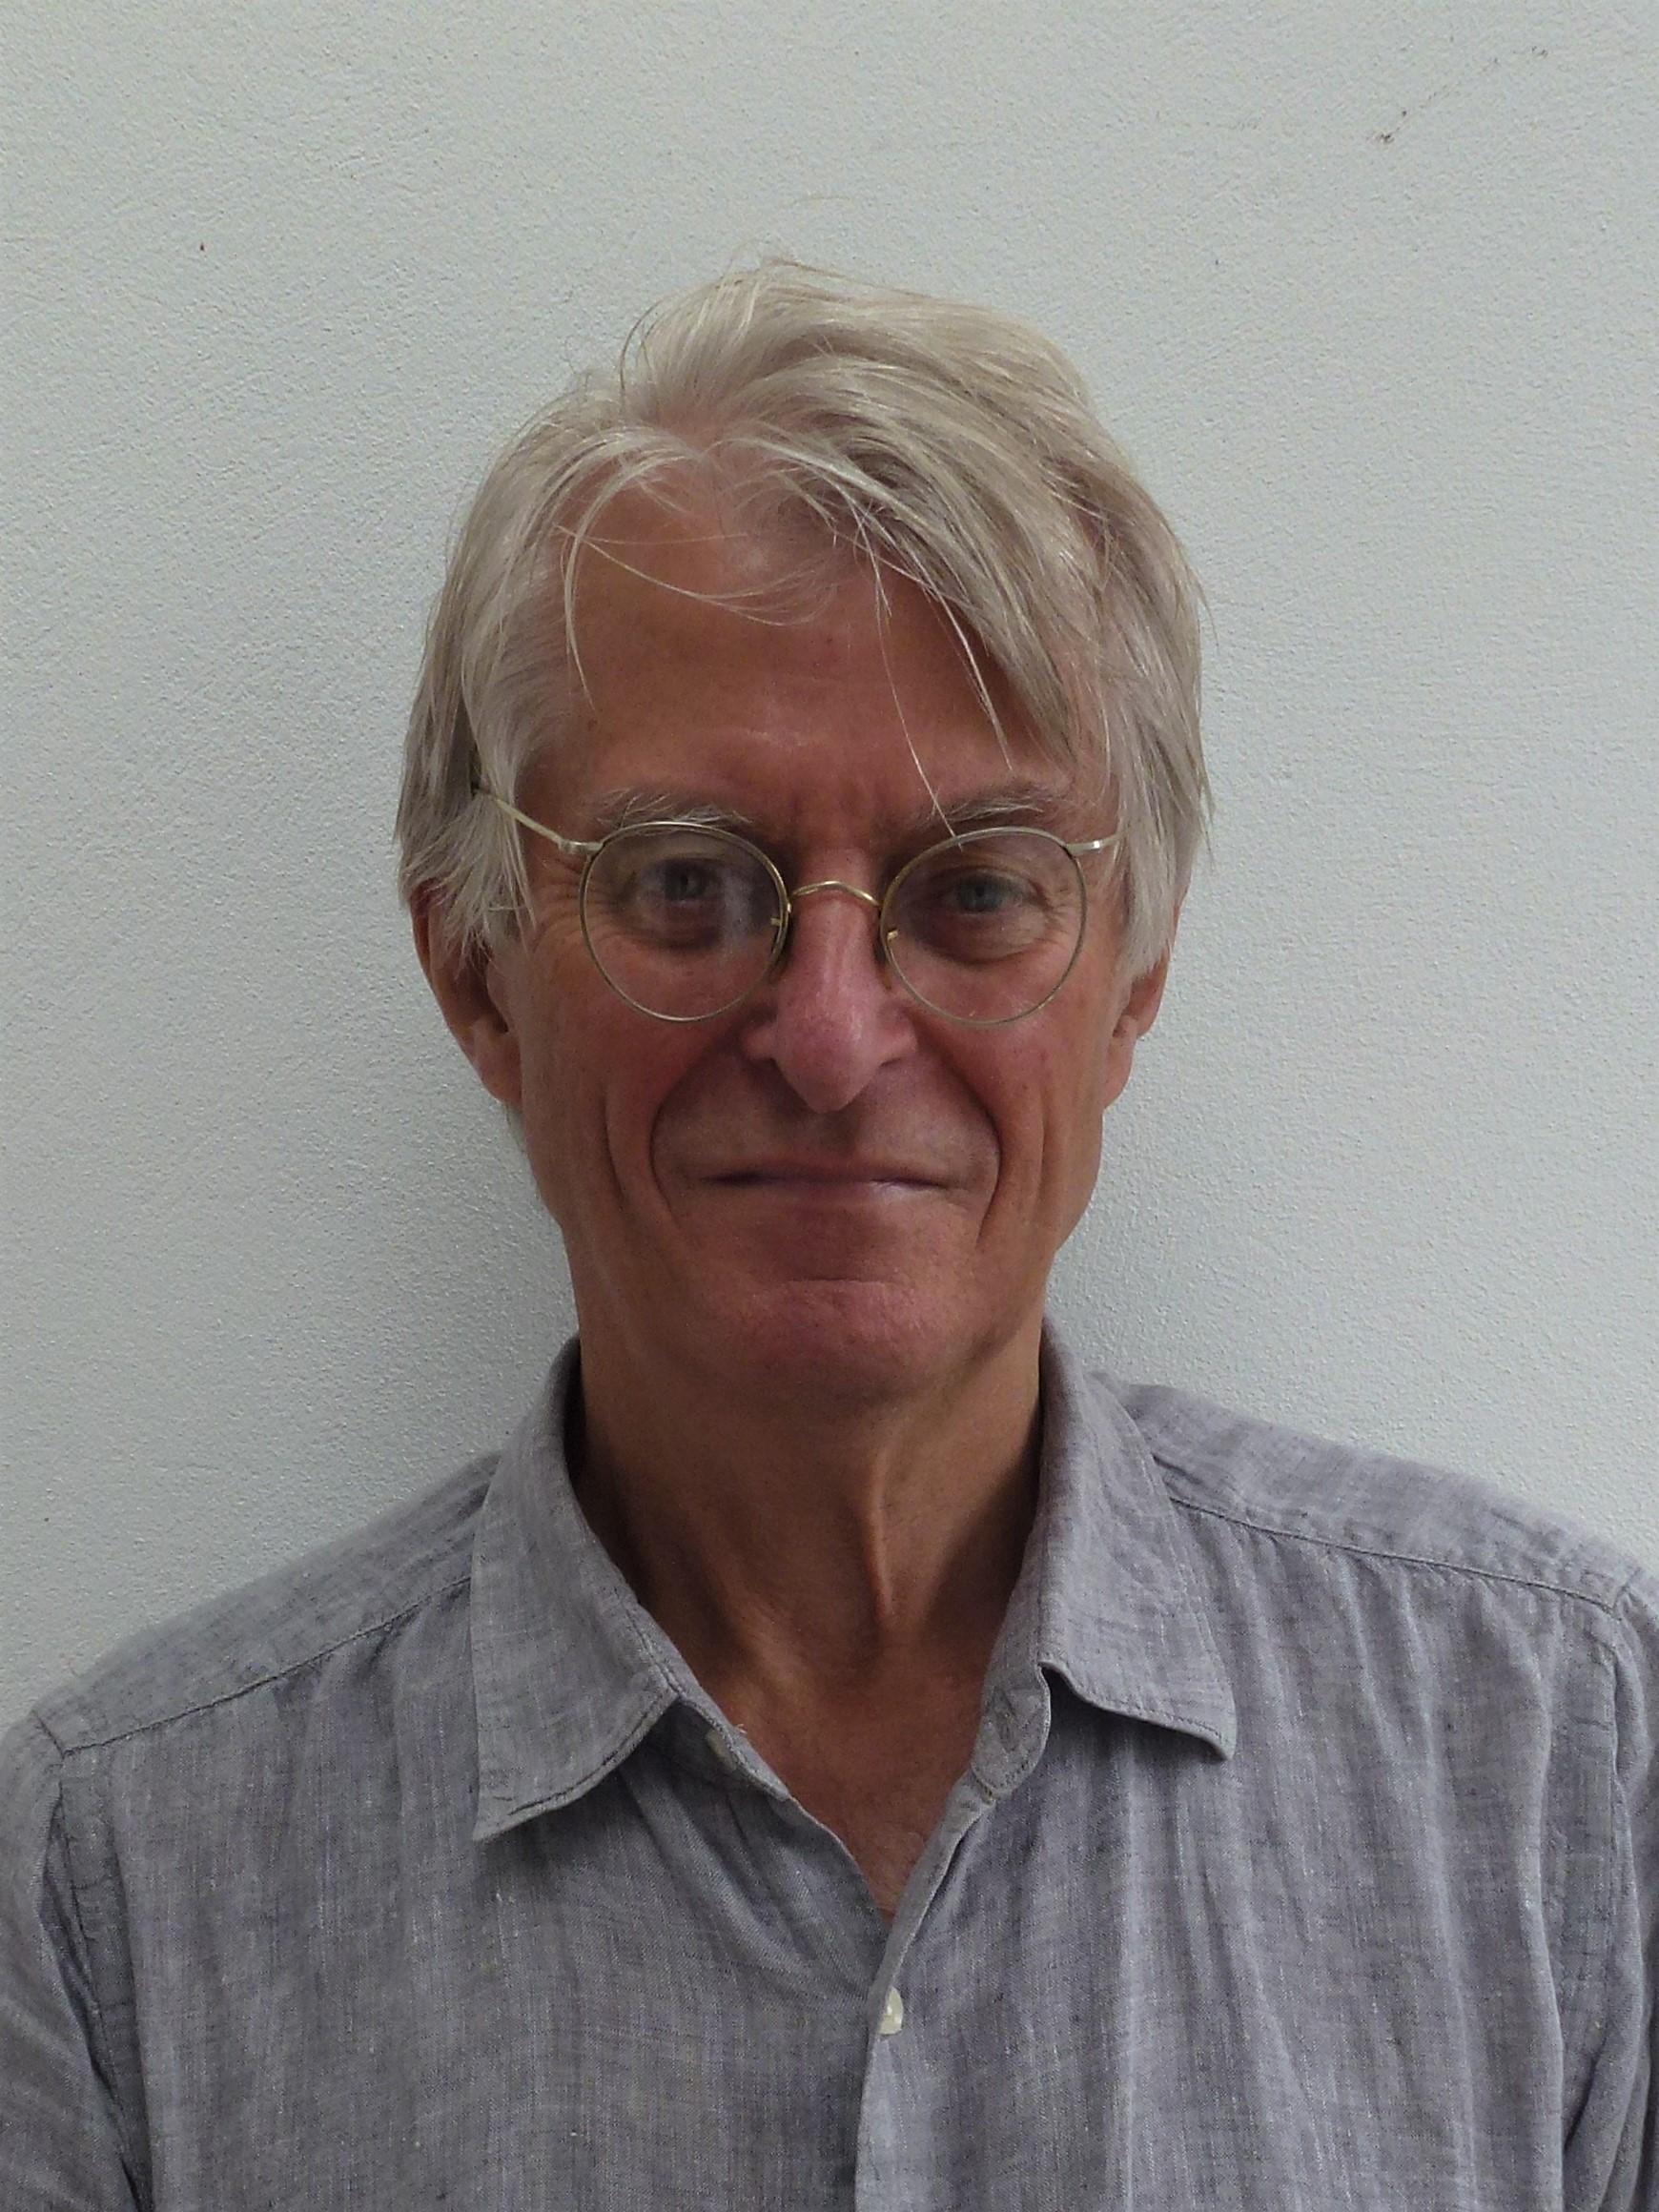 Peter McKinney